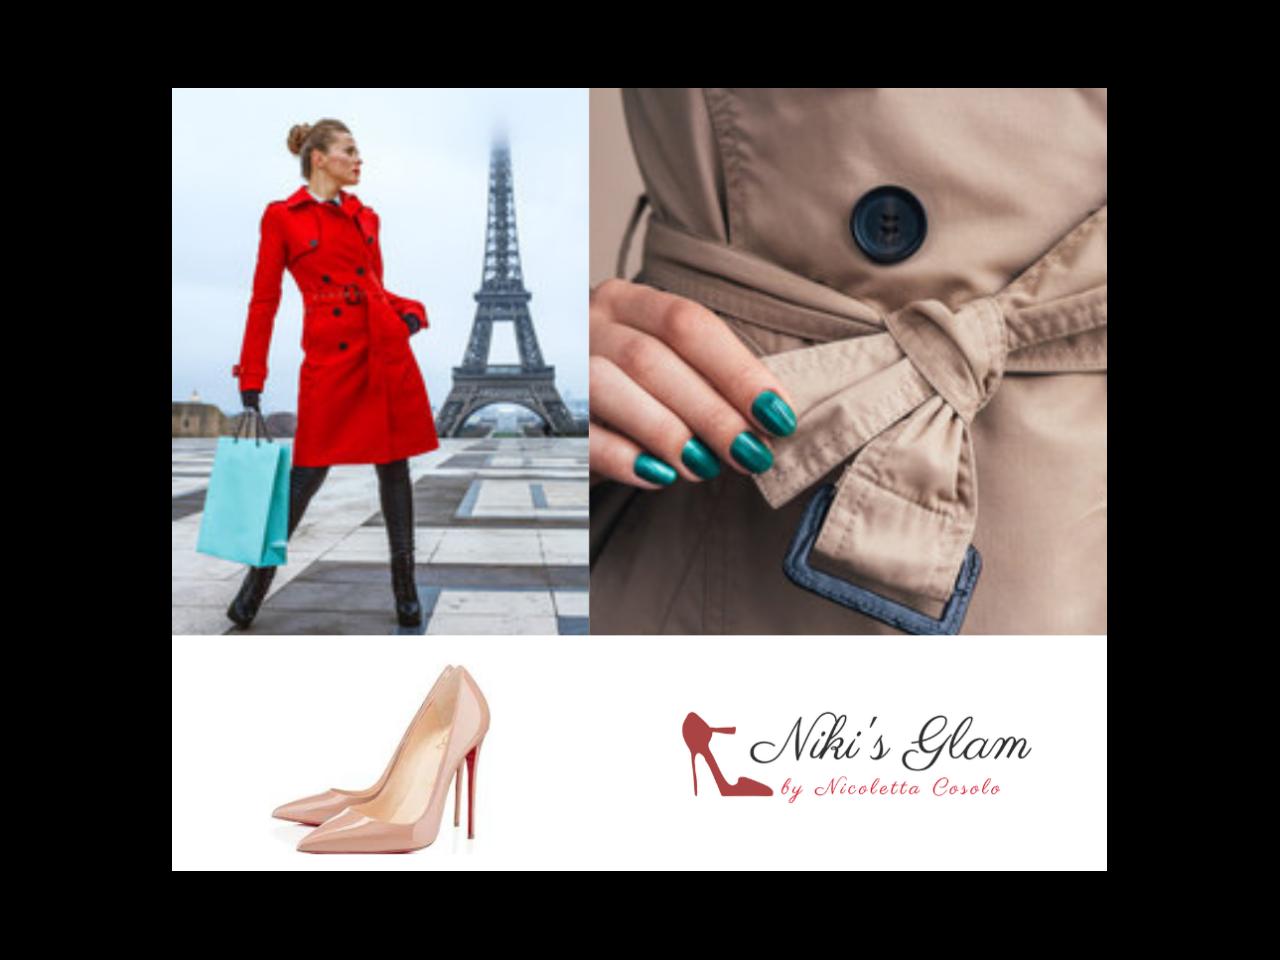 Trench: Un'icona di stile - Niki's Glam Magazine